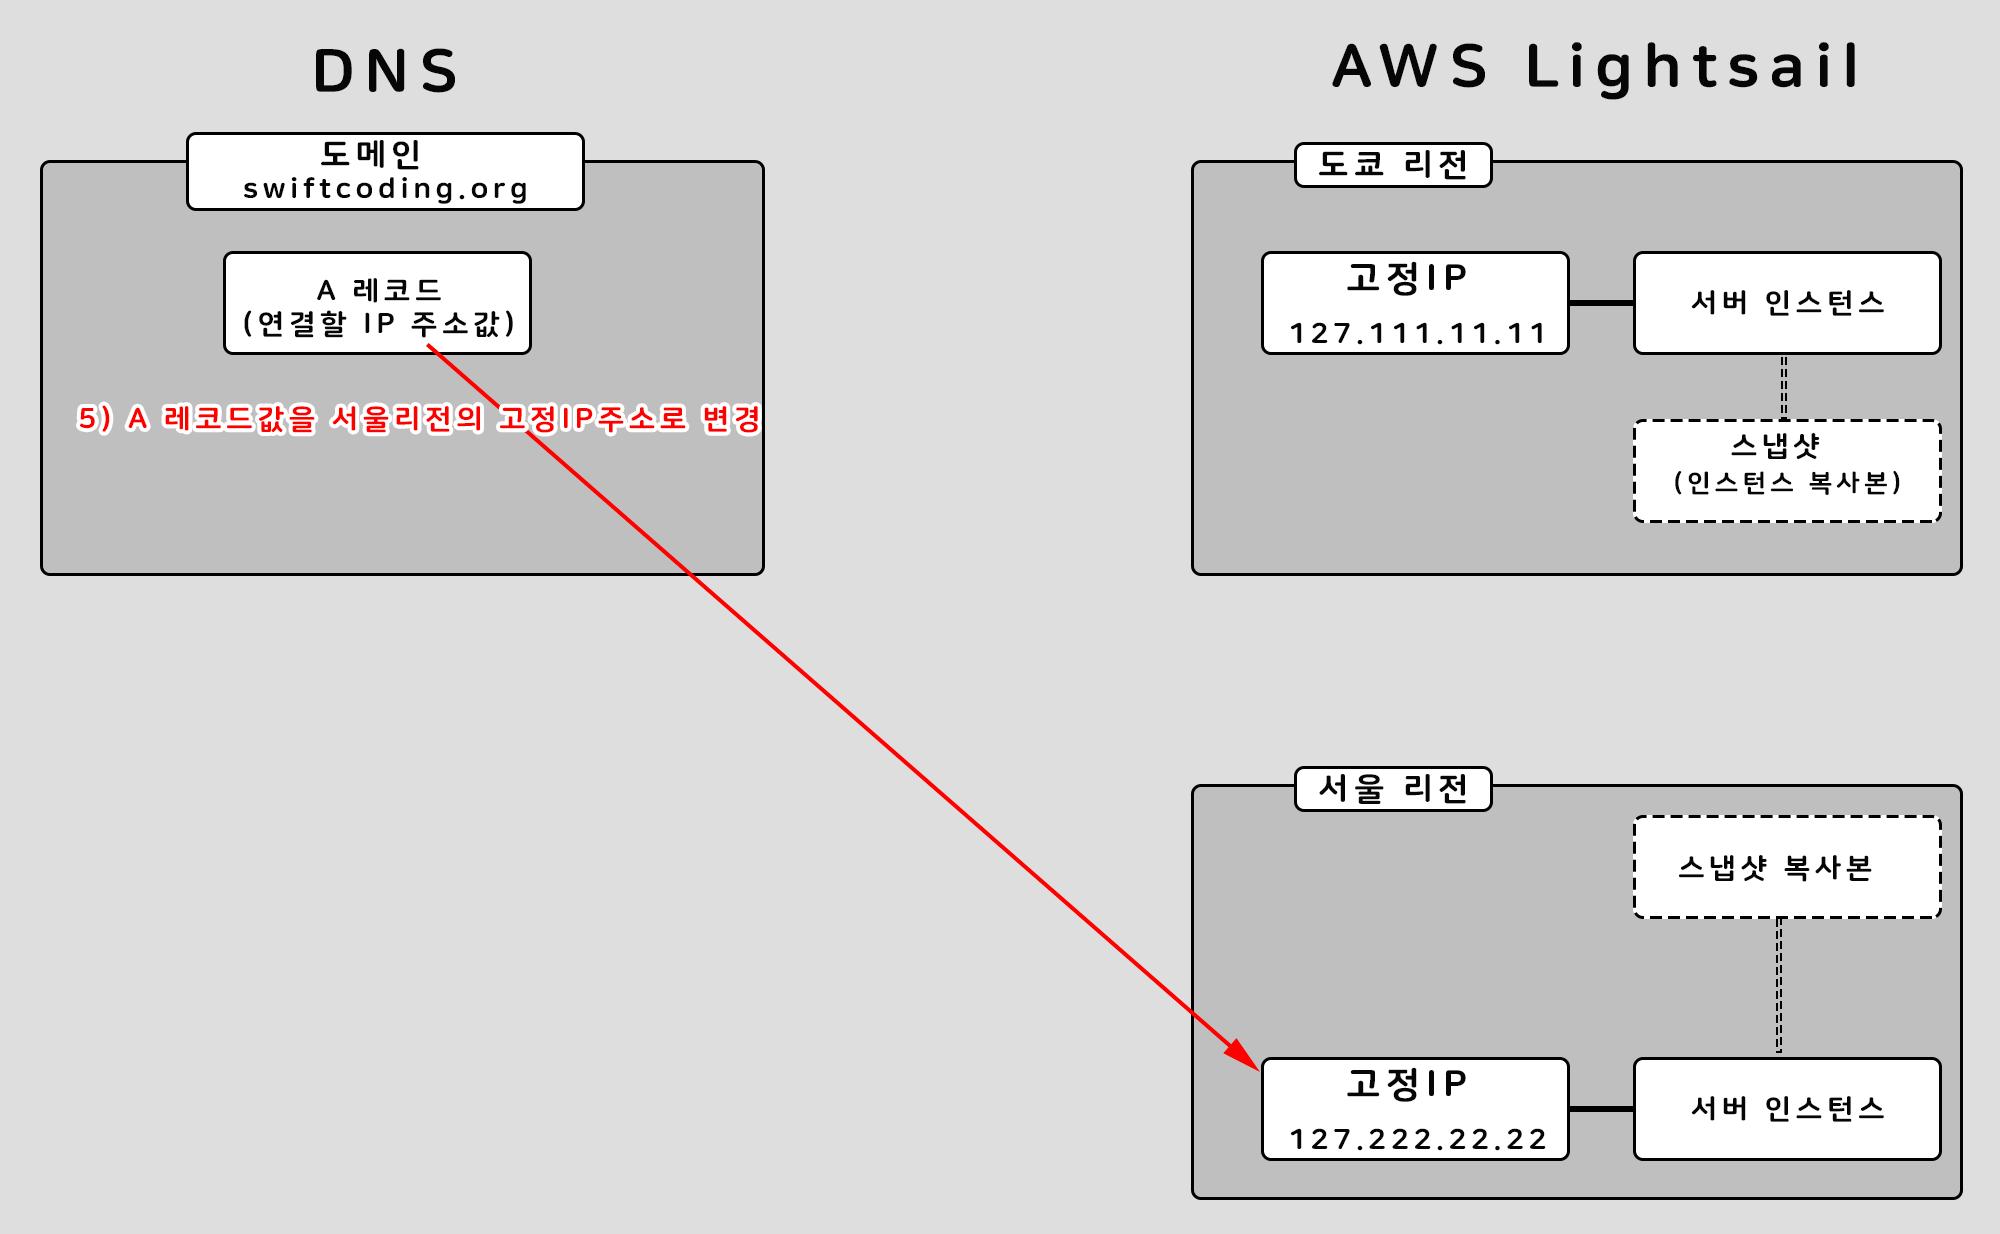 5단계 새로운 서버로 IP 연결